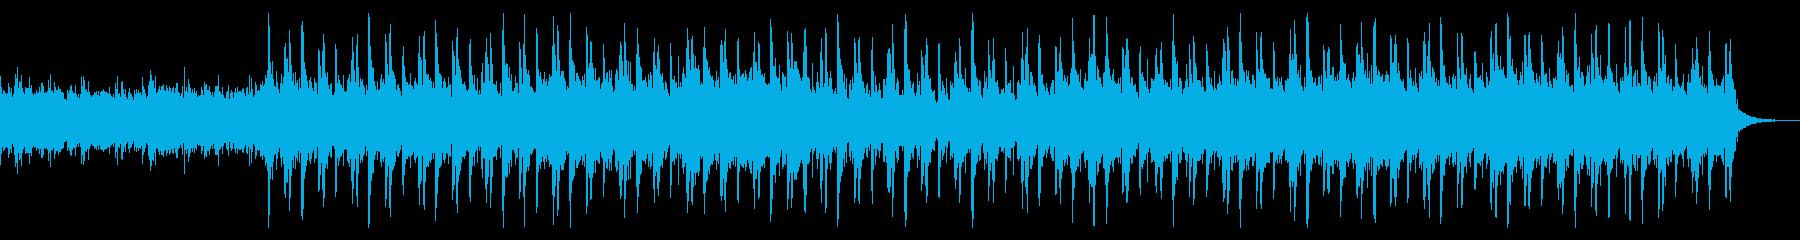 バグパイプ・ケルトEpic・勇敢な行進曲の再生済みの波形